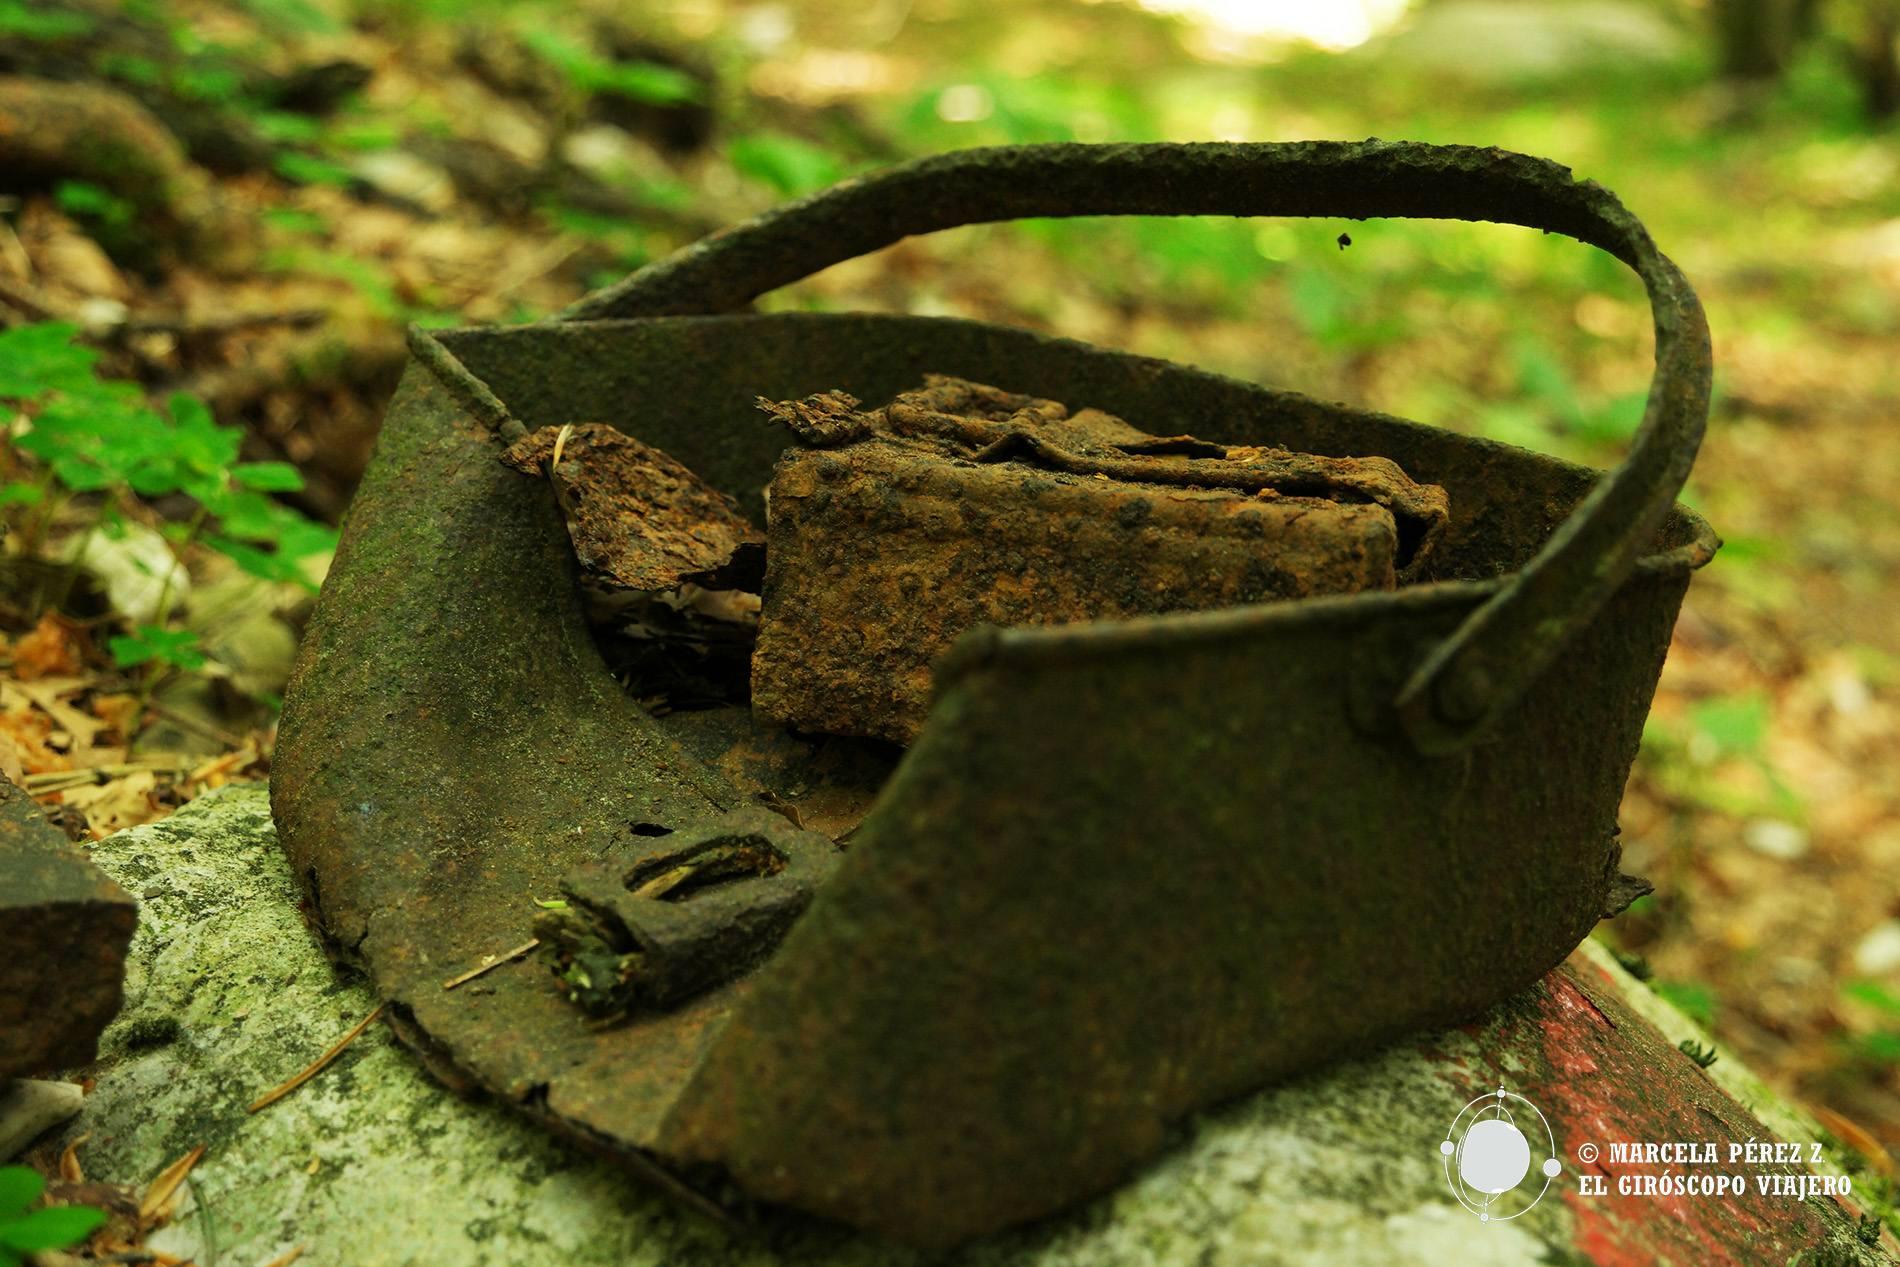 Objetos de los soldados abandonados en el bosque